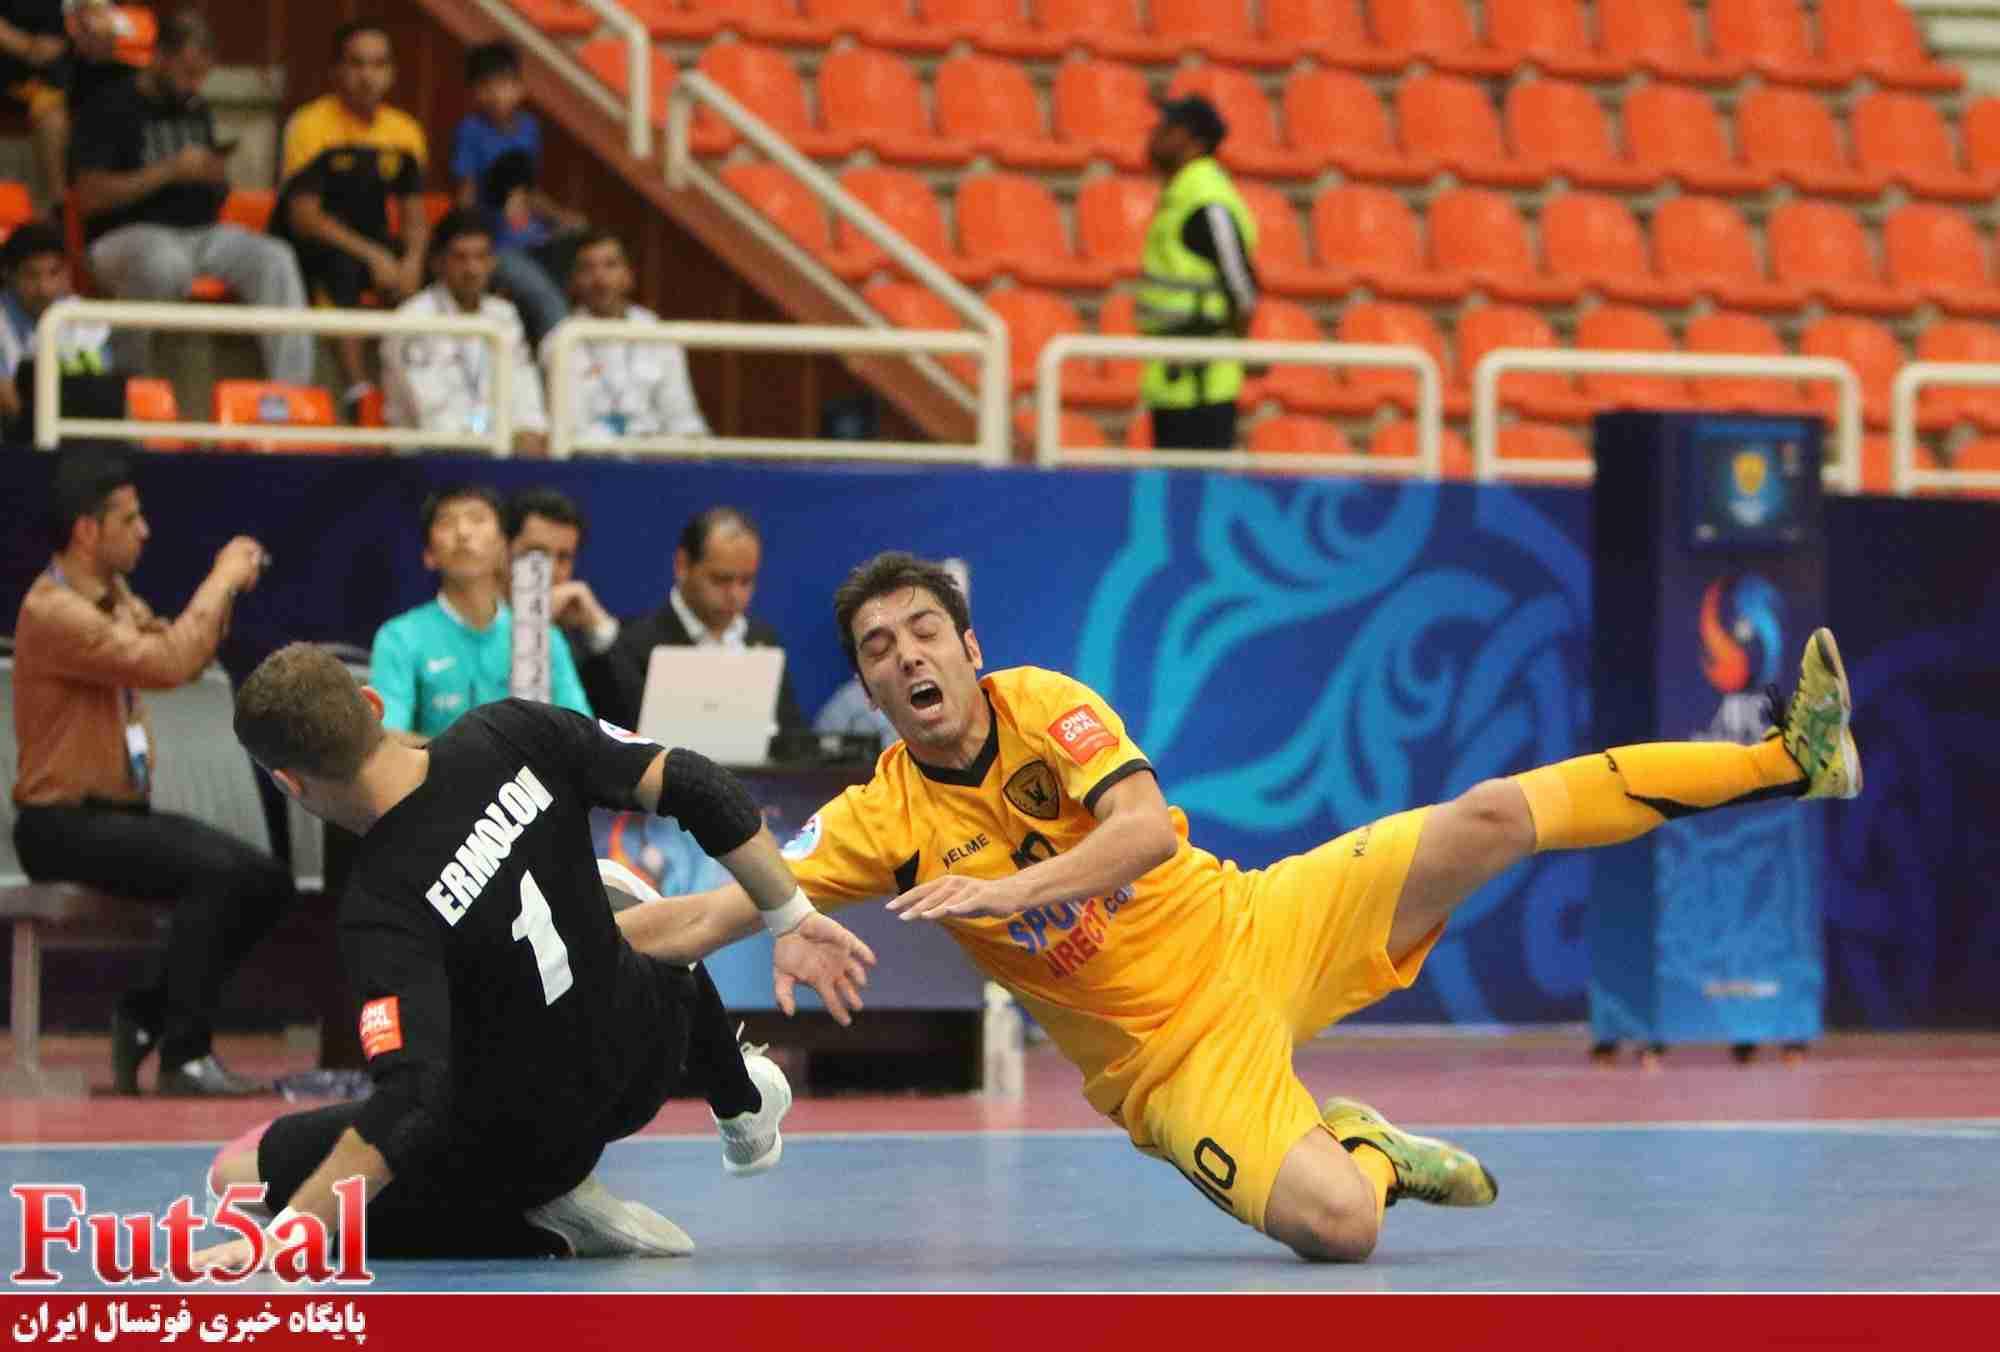 طاهری:دوست دارم در فینال با تاسیسات بازی کنیم/ درخشش بازیکنان ایرانی در تیم های خارجی مایه افتخار است